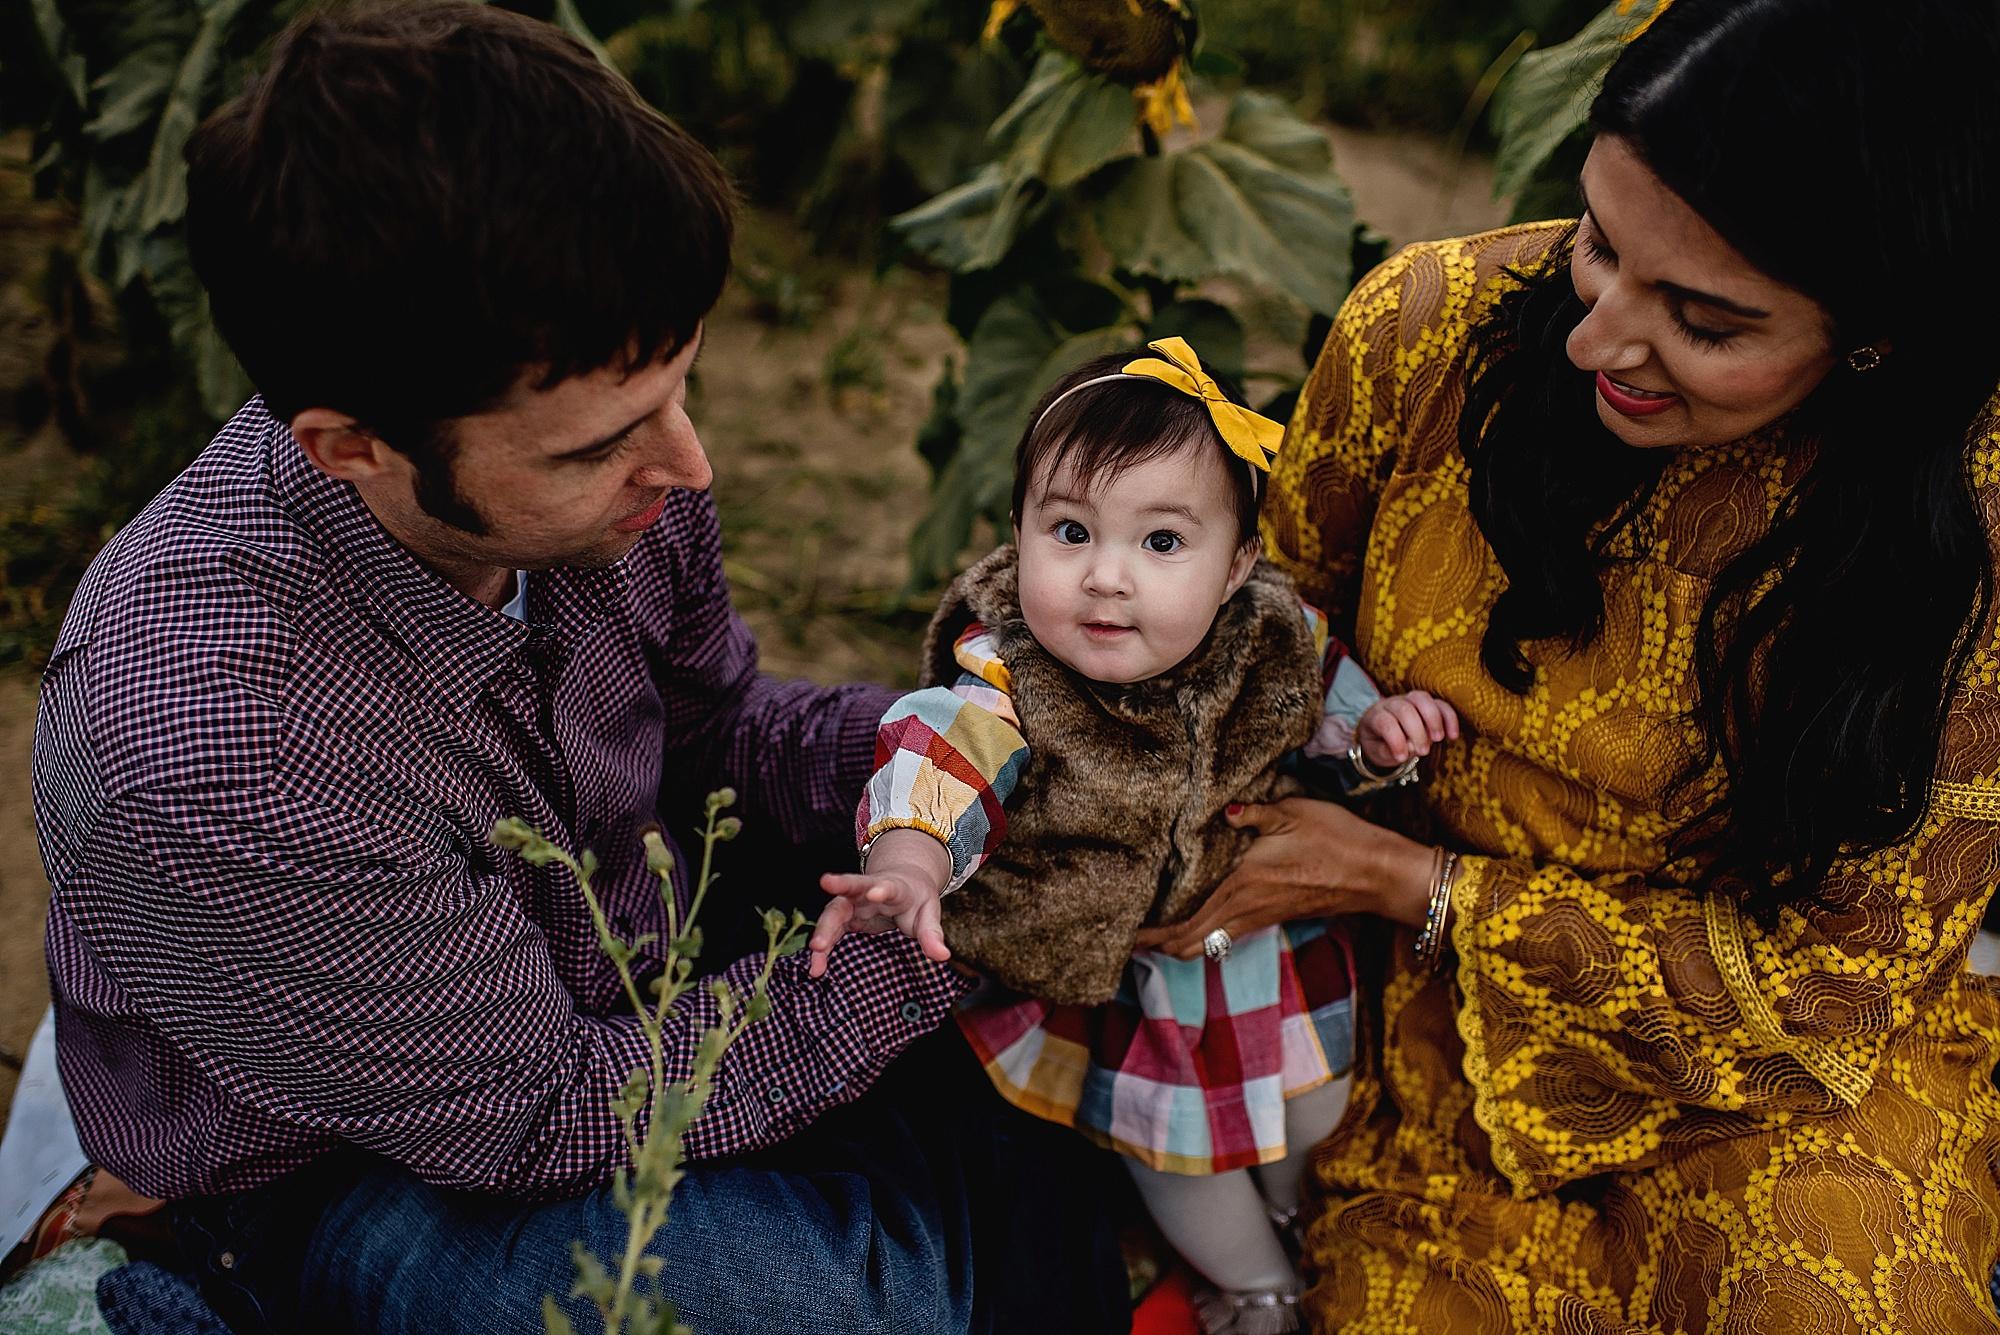 Turner-family-akron-ohio-photographer-lauren-grayson-sunflower-field-session_0001.jpg